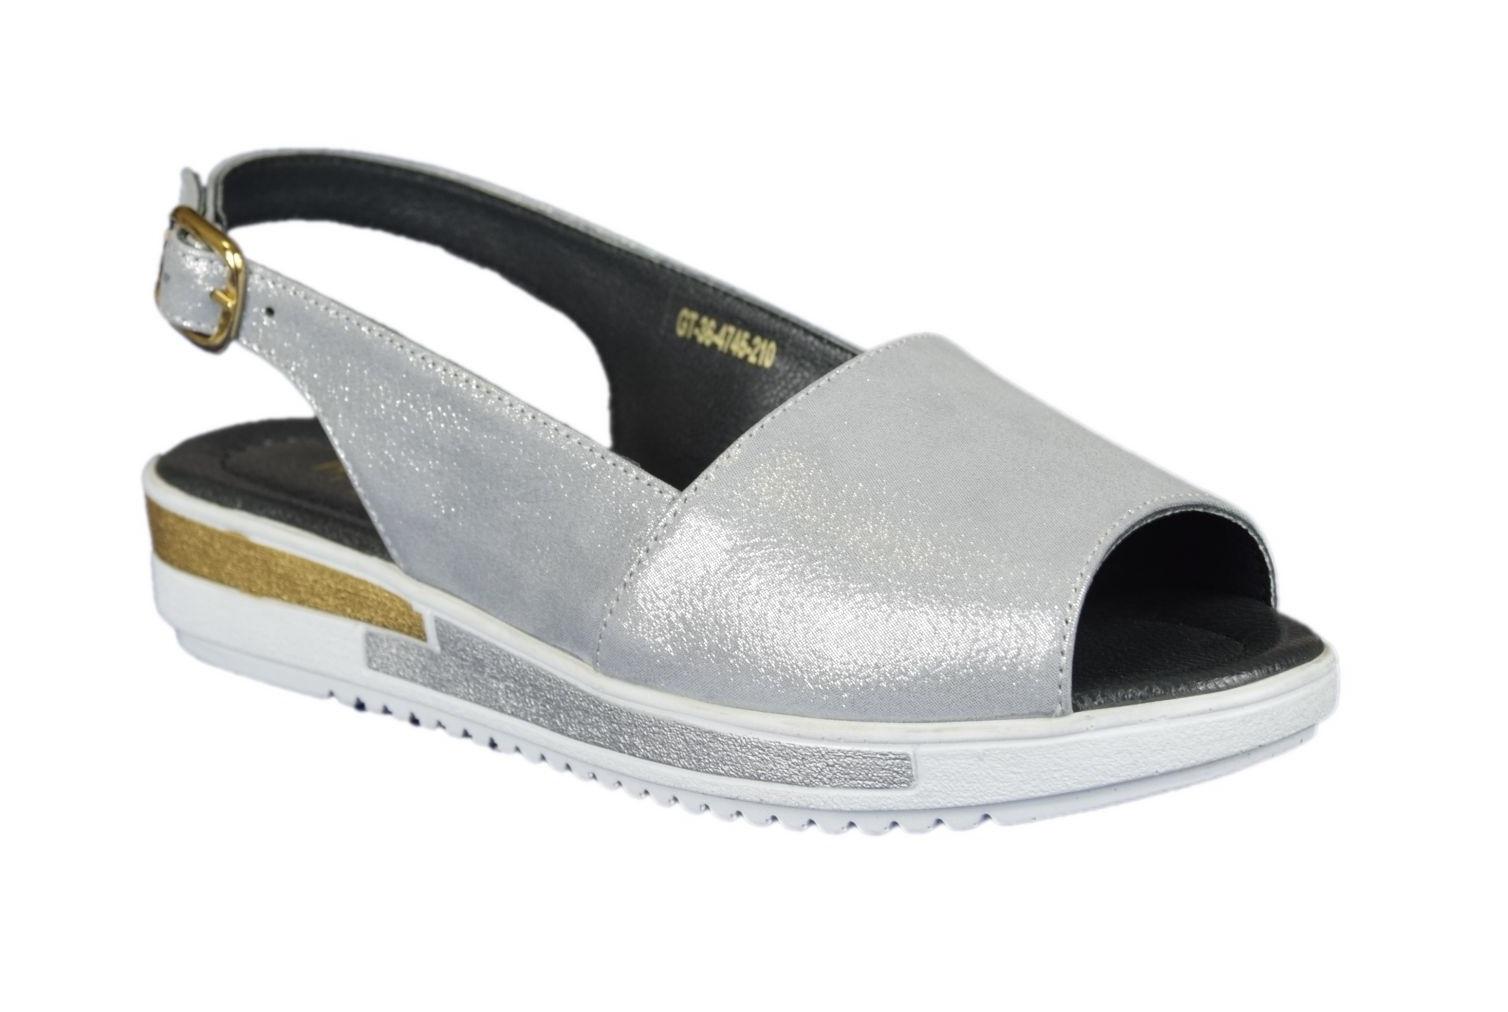 Sandały damskie Badura 4745-69 srebrne skóra R.40